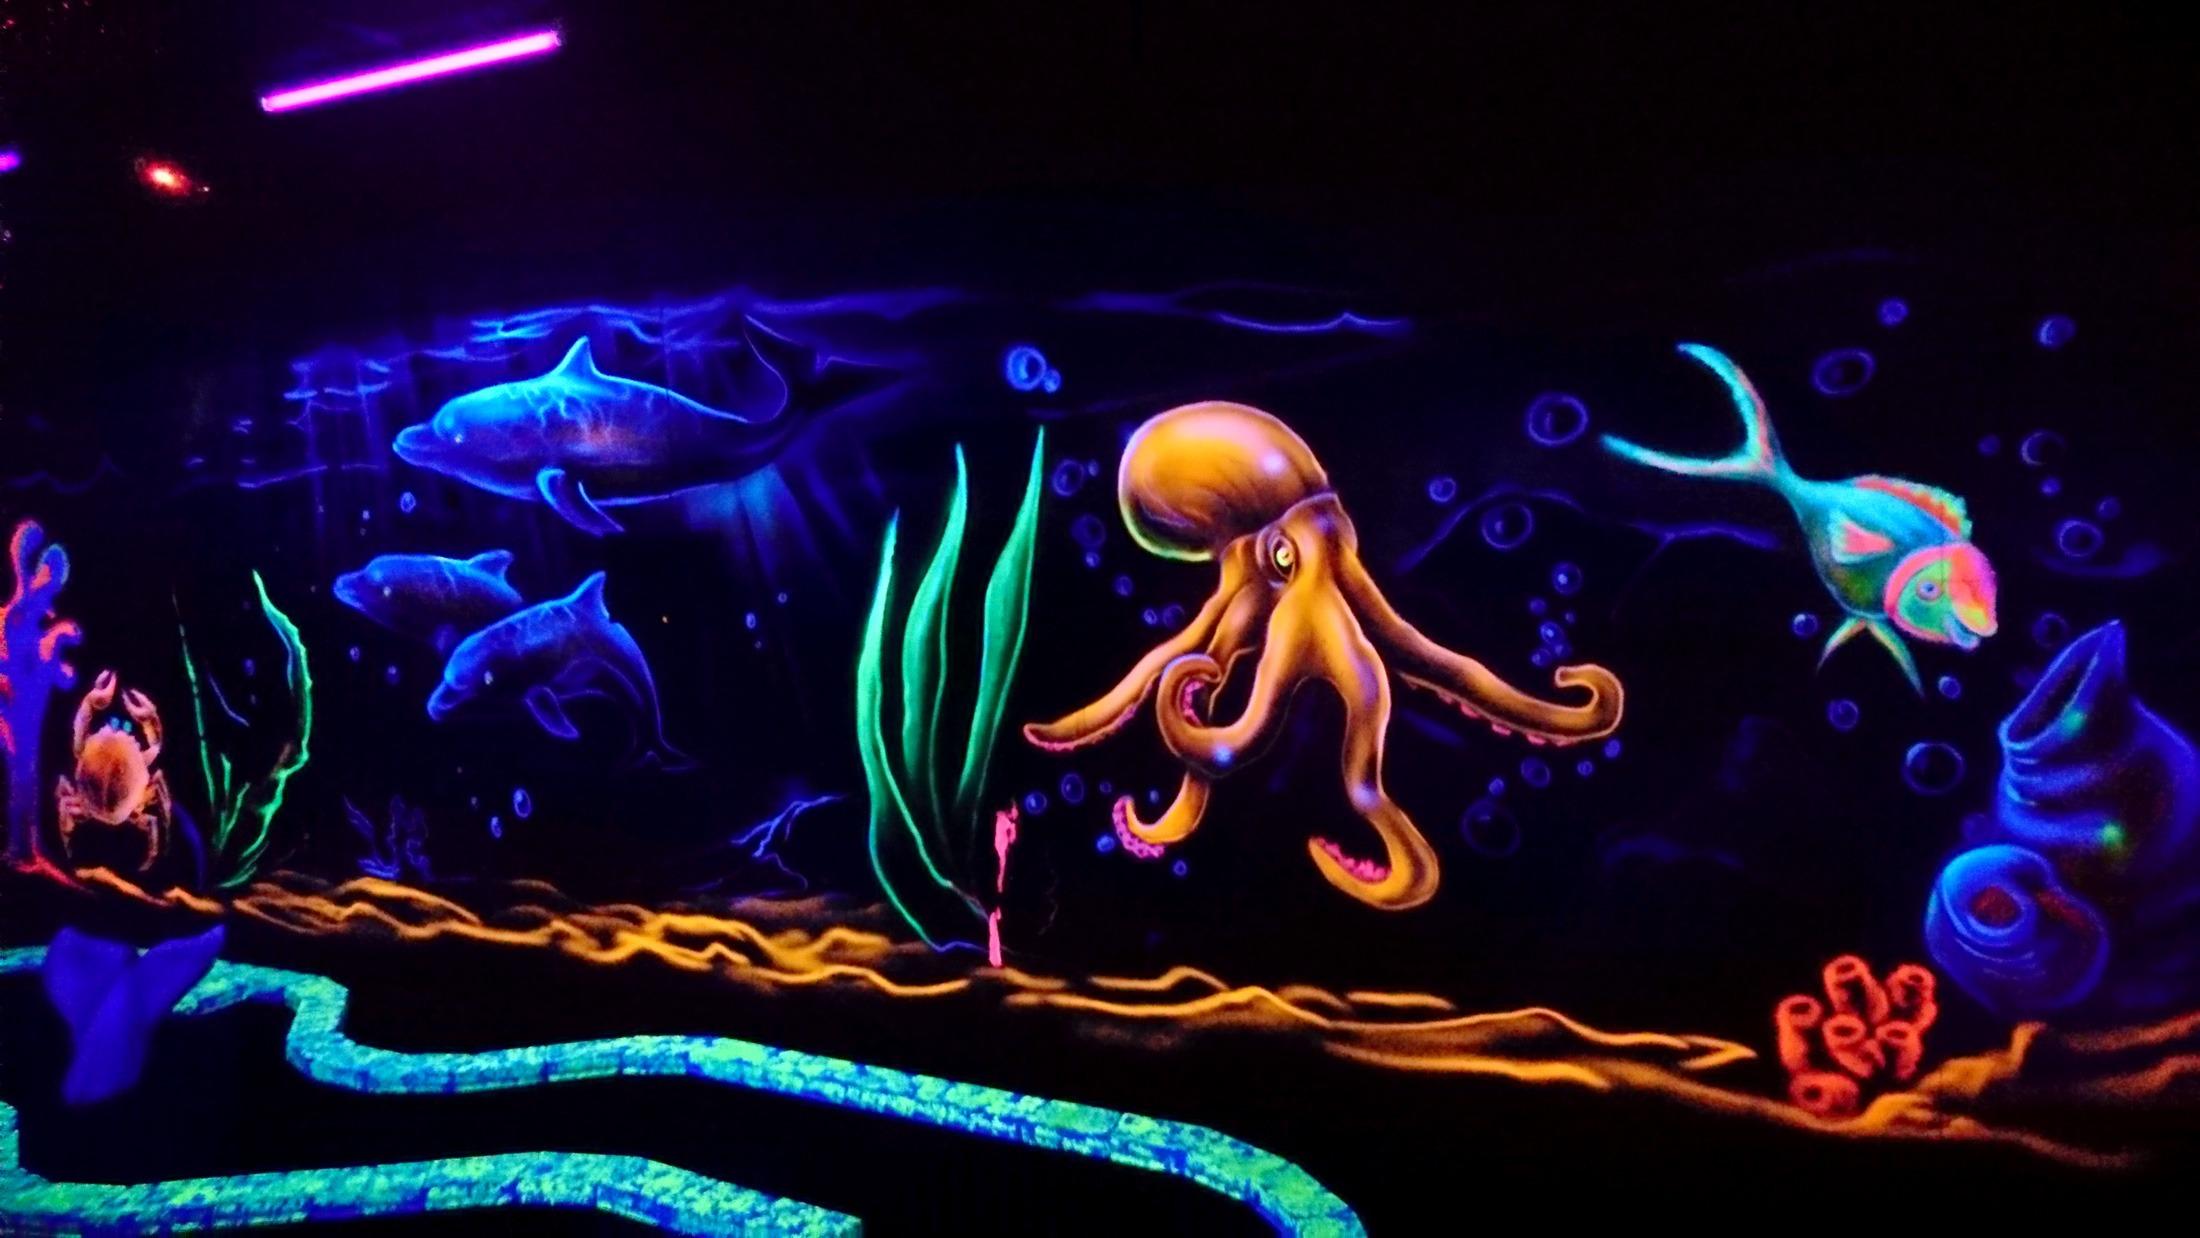 océan fluo